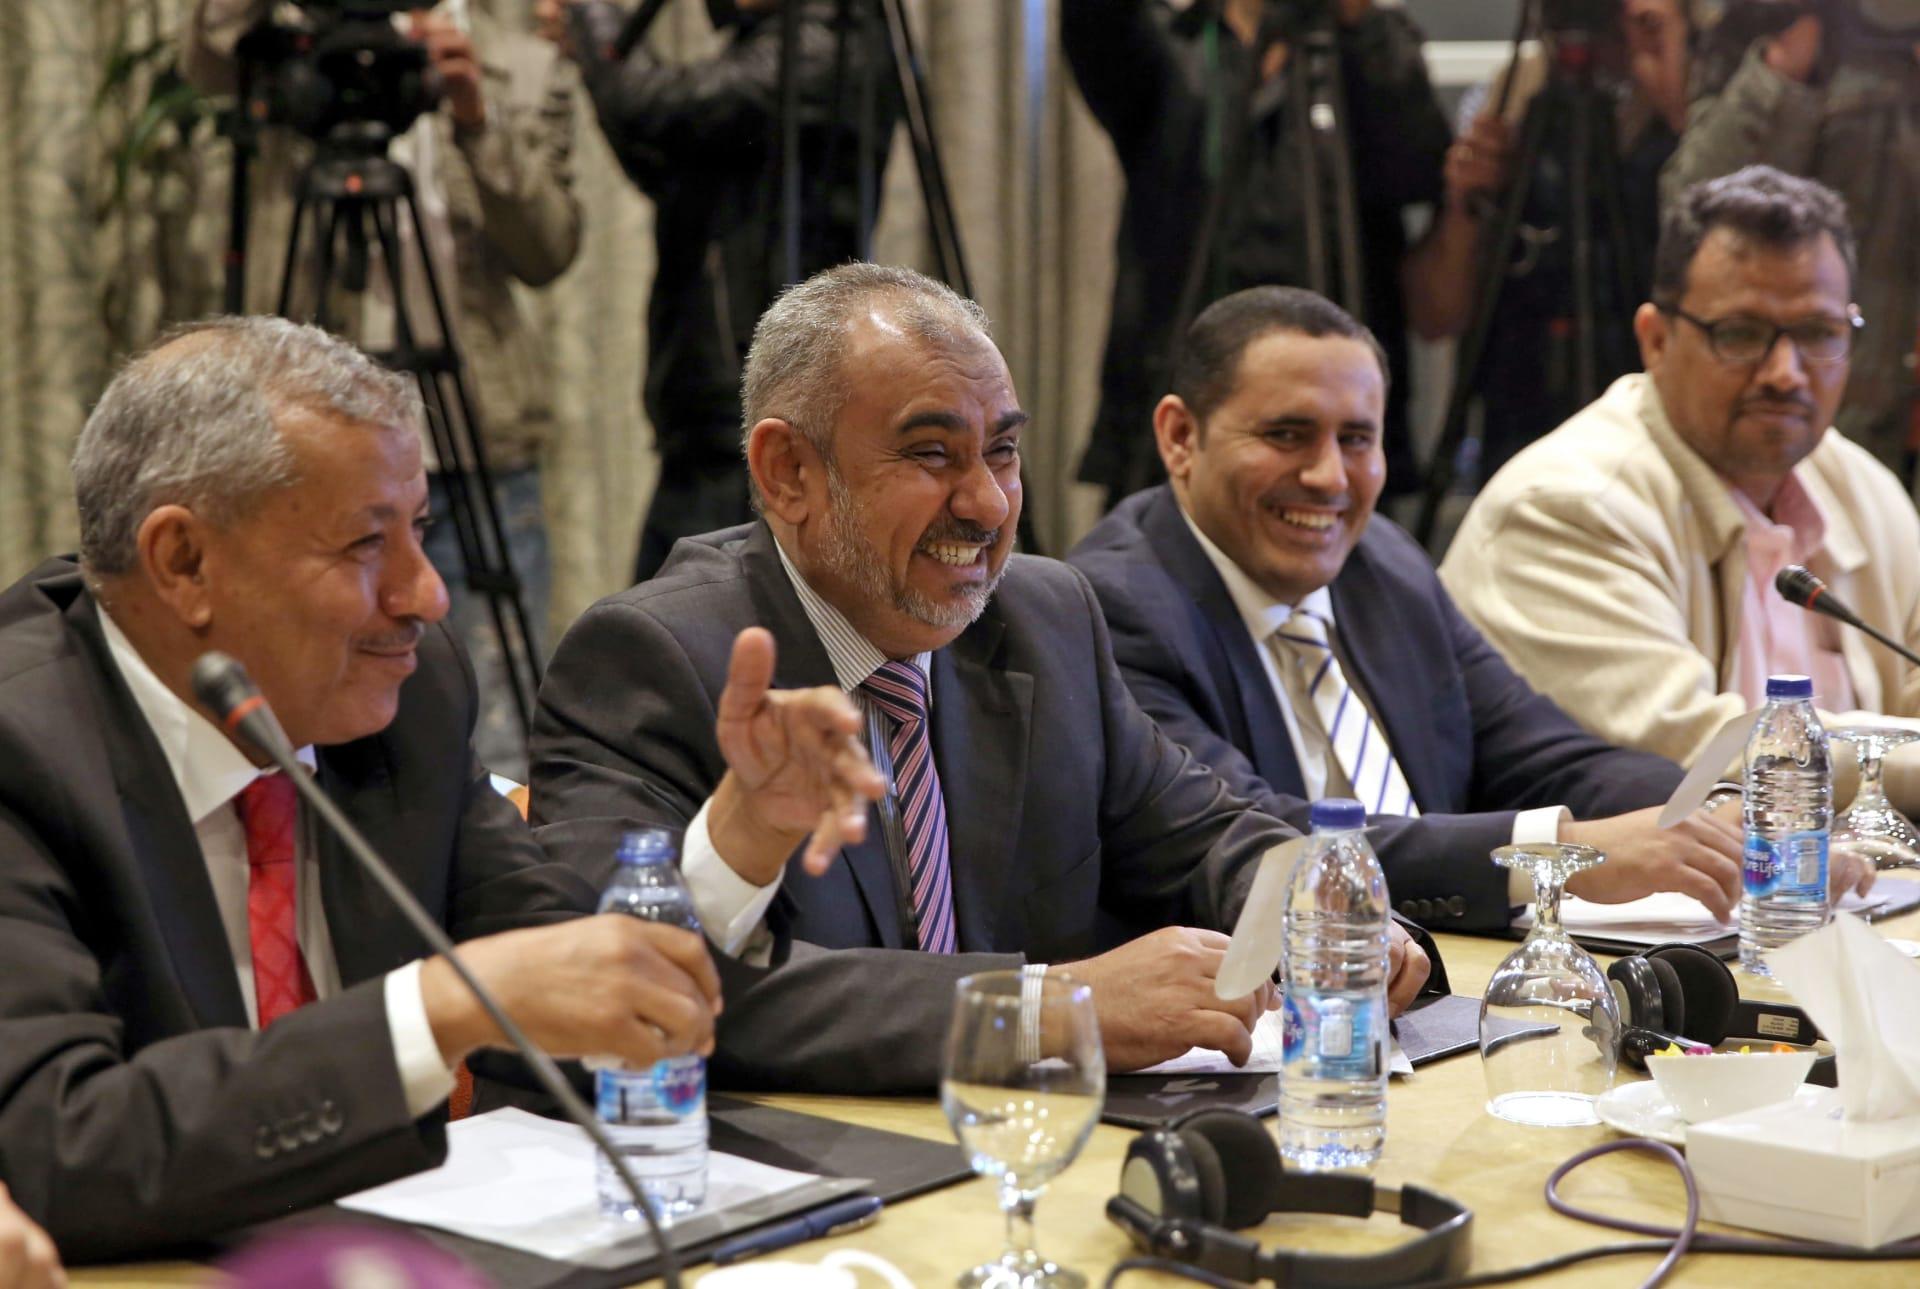 إعلان تمديد المباحثات اليمنية بالأردن دون حسم نهائي لملف المعتقلين